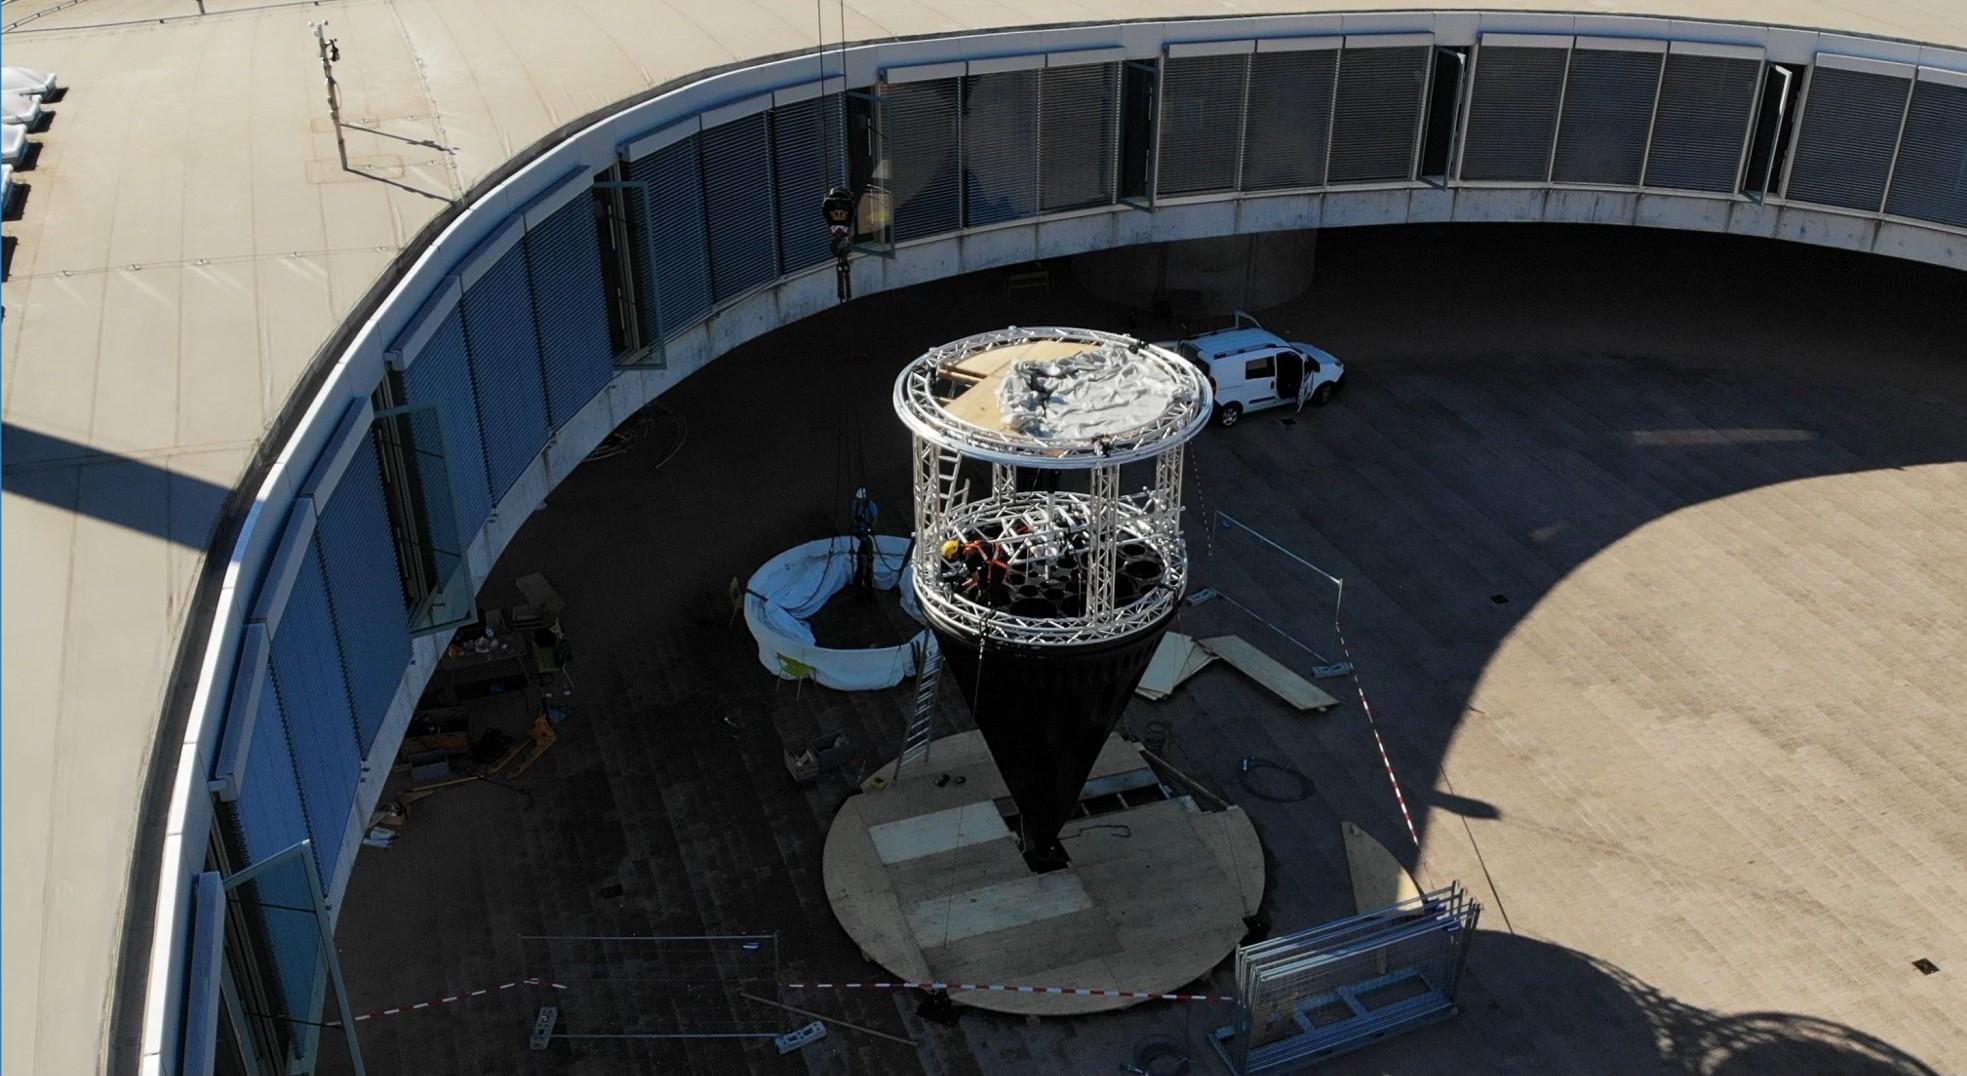 Rohrewerk à l'EPFL: l'étrange structure qui peut faire penser à un module de l'espace a été posée mi-décembre 2021.